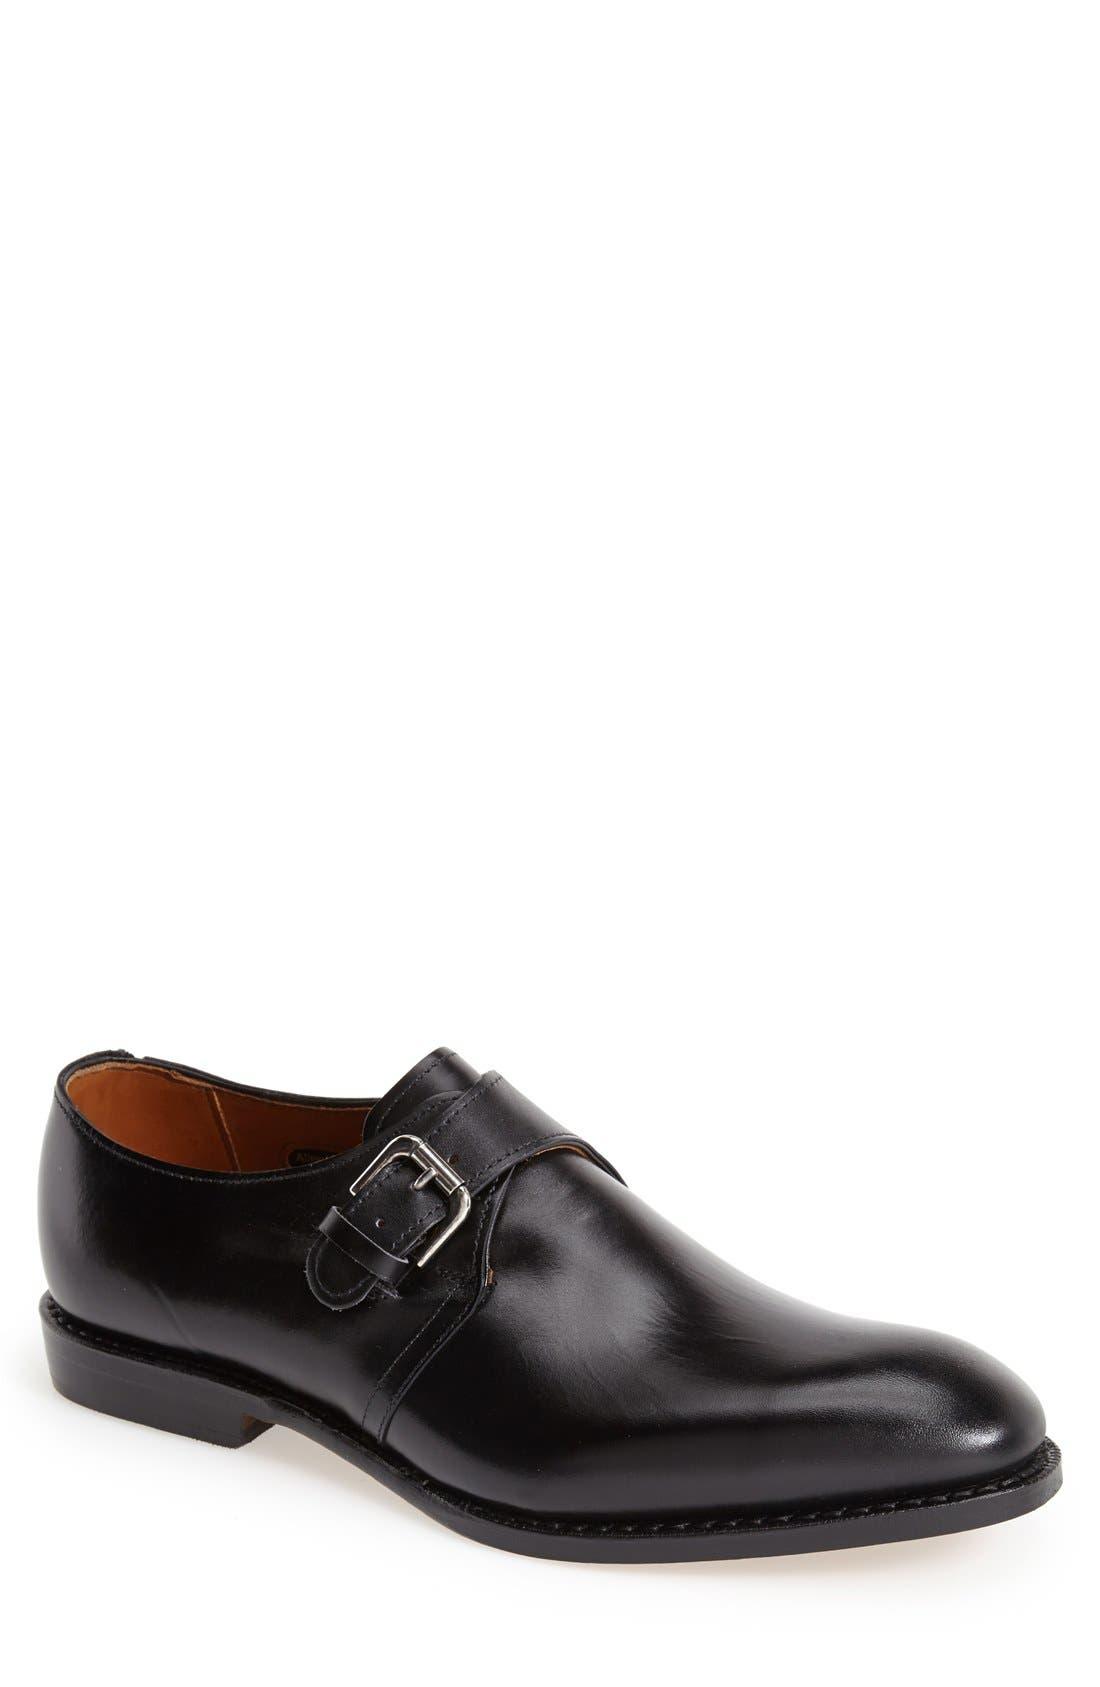 ALLEN EDMONDS Warwick Monk Strap Shoe